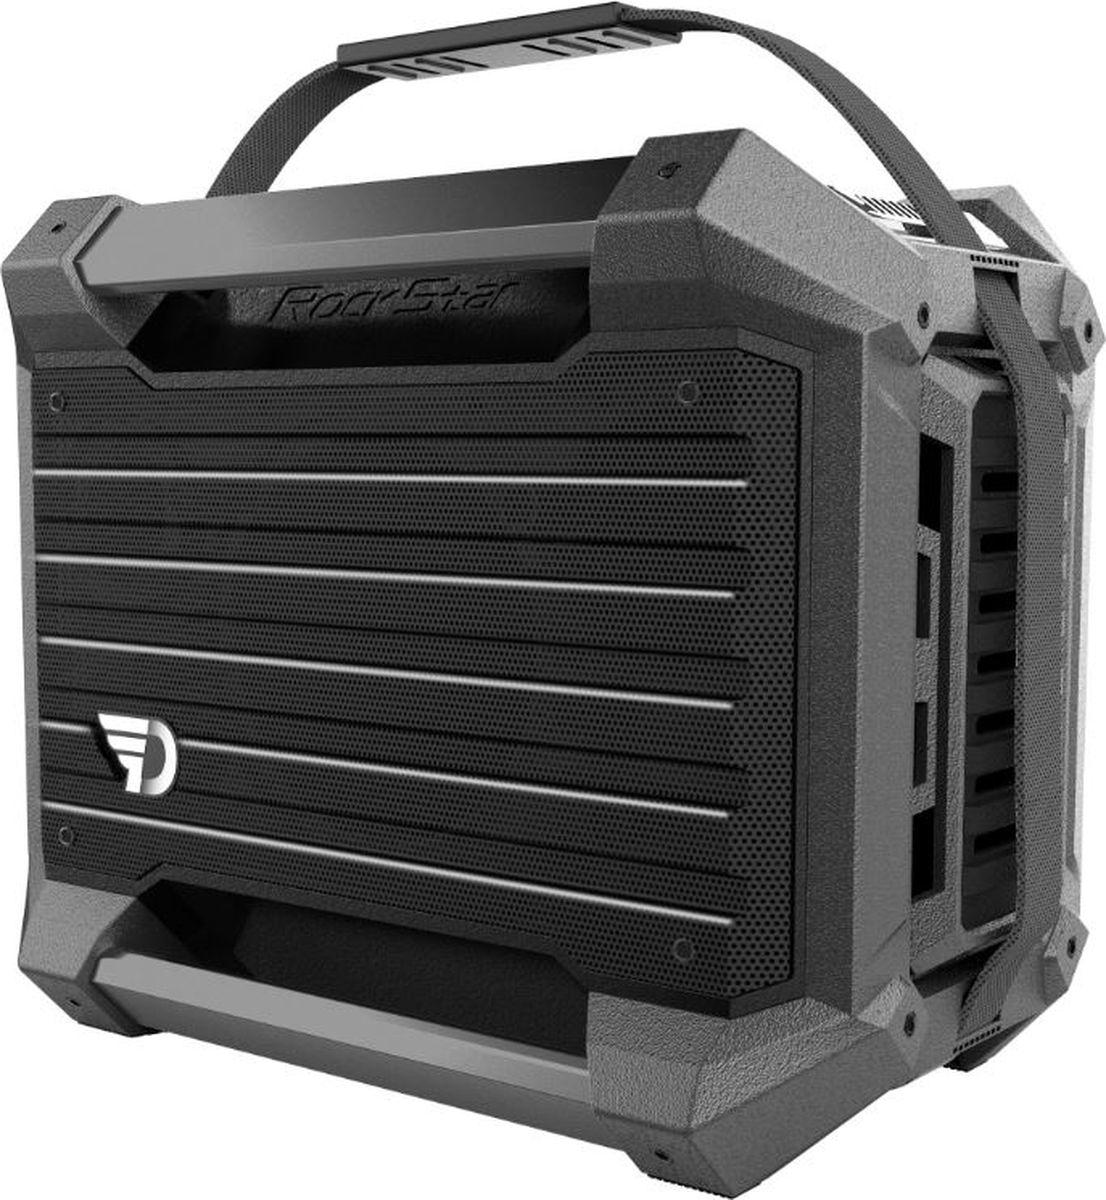 DreamWave Rockstar, Graphite портативная акустическая система15119105DreamWave RockStar – это невероятно прочная Bluetooth-аудиосистема, обладающая выходной мощностью в 80 Вт и поддержкой технологии aptX, профессионально настроенная и созданная специально для ценителей звучания высокого качества. Вместе с RockStar вы сможете наслаждаться музыкой от заката до рассвета благодаря встроенному аккумулятору ёмкостью более чем 26 тысяч мАч. ОПИСАНИЕ СПЕЦИФИКАЦИЯDreamWave RockStar – это невероятно прочная Bluetooth-аудиосистема, обладающая выходной мощностью в 80 Вт и поддержкой технологии aptX, профессионально настроенная и созданная специально для ценителей звучания высокого качества. Вместе с RockStar вы сможете наслаждаться музыкой от заката до рассвета благодаря встроенному аккумулятору ёмкостью более чем 26 тысяч мАч.Благодаря сочетанию передовых технологий и тончайших настроек звука, RockStar способен передать музыку во всей полноте, сохраняя её первозданную глубину и ясность – так, как это задумывал исполнитель. Также устройство оснащено 8 аудиовходами для подключения различных музыкальных инструментов и микрофона. Надежная конструкция, защита от воды/песка/пыли/снега уровня IPX5 и компактный дизайн позволят вам брать RockStar с собой, куда бы вы ни отправились, а также организовать вечеринку независимо от того, где вы находитесь. - Премиальная Hi-Fi-колонка с мощностью 80 Вт - Поддерживает технологию aptX - Защита от воды/песка/пыли уровня IPX5 - Звук Hi-Fi, защита от помех - Bluetooth CSR 4.0 + EDR, A2DP AVRCP - Аккумулятор 26000 мАч - Работает до 12 часов подряд - Режимы звуковых эффектов: 11 предустановлено + 11 пользовательских - 8 аудио-входов для различных музыкальных инструментов: микрофон, электро- и акустическая гитара, барабаны, бас-гитара и миди-клавиатура - Звук Hi-Fi, защита от помех